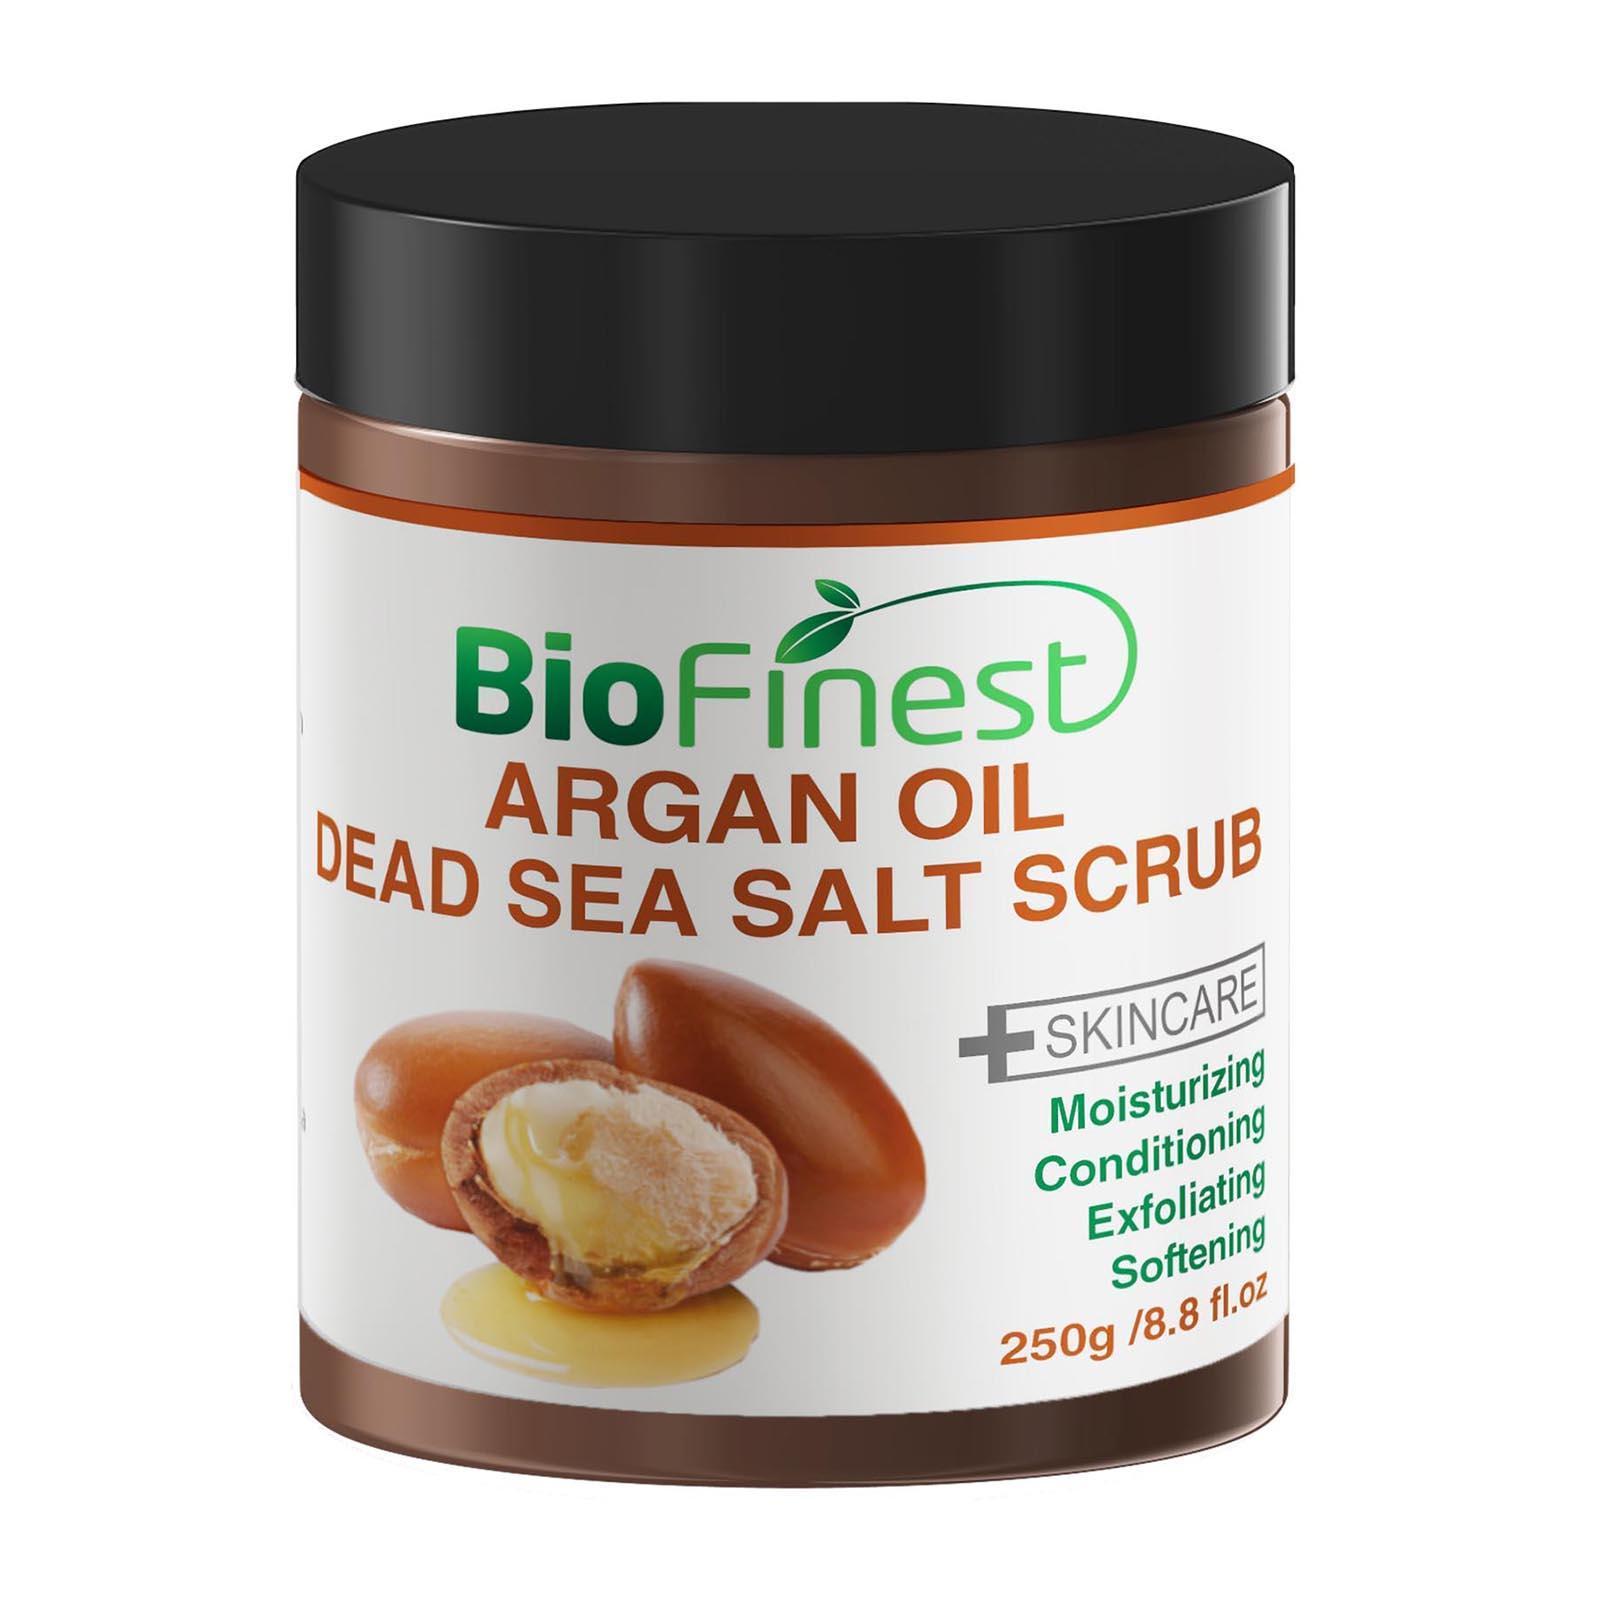 Biofinest Argan Oil Dead Sea Salt Scrub: With Aloe Vera Almond Oil Vitamin E Essential Oils Face Scrub